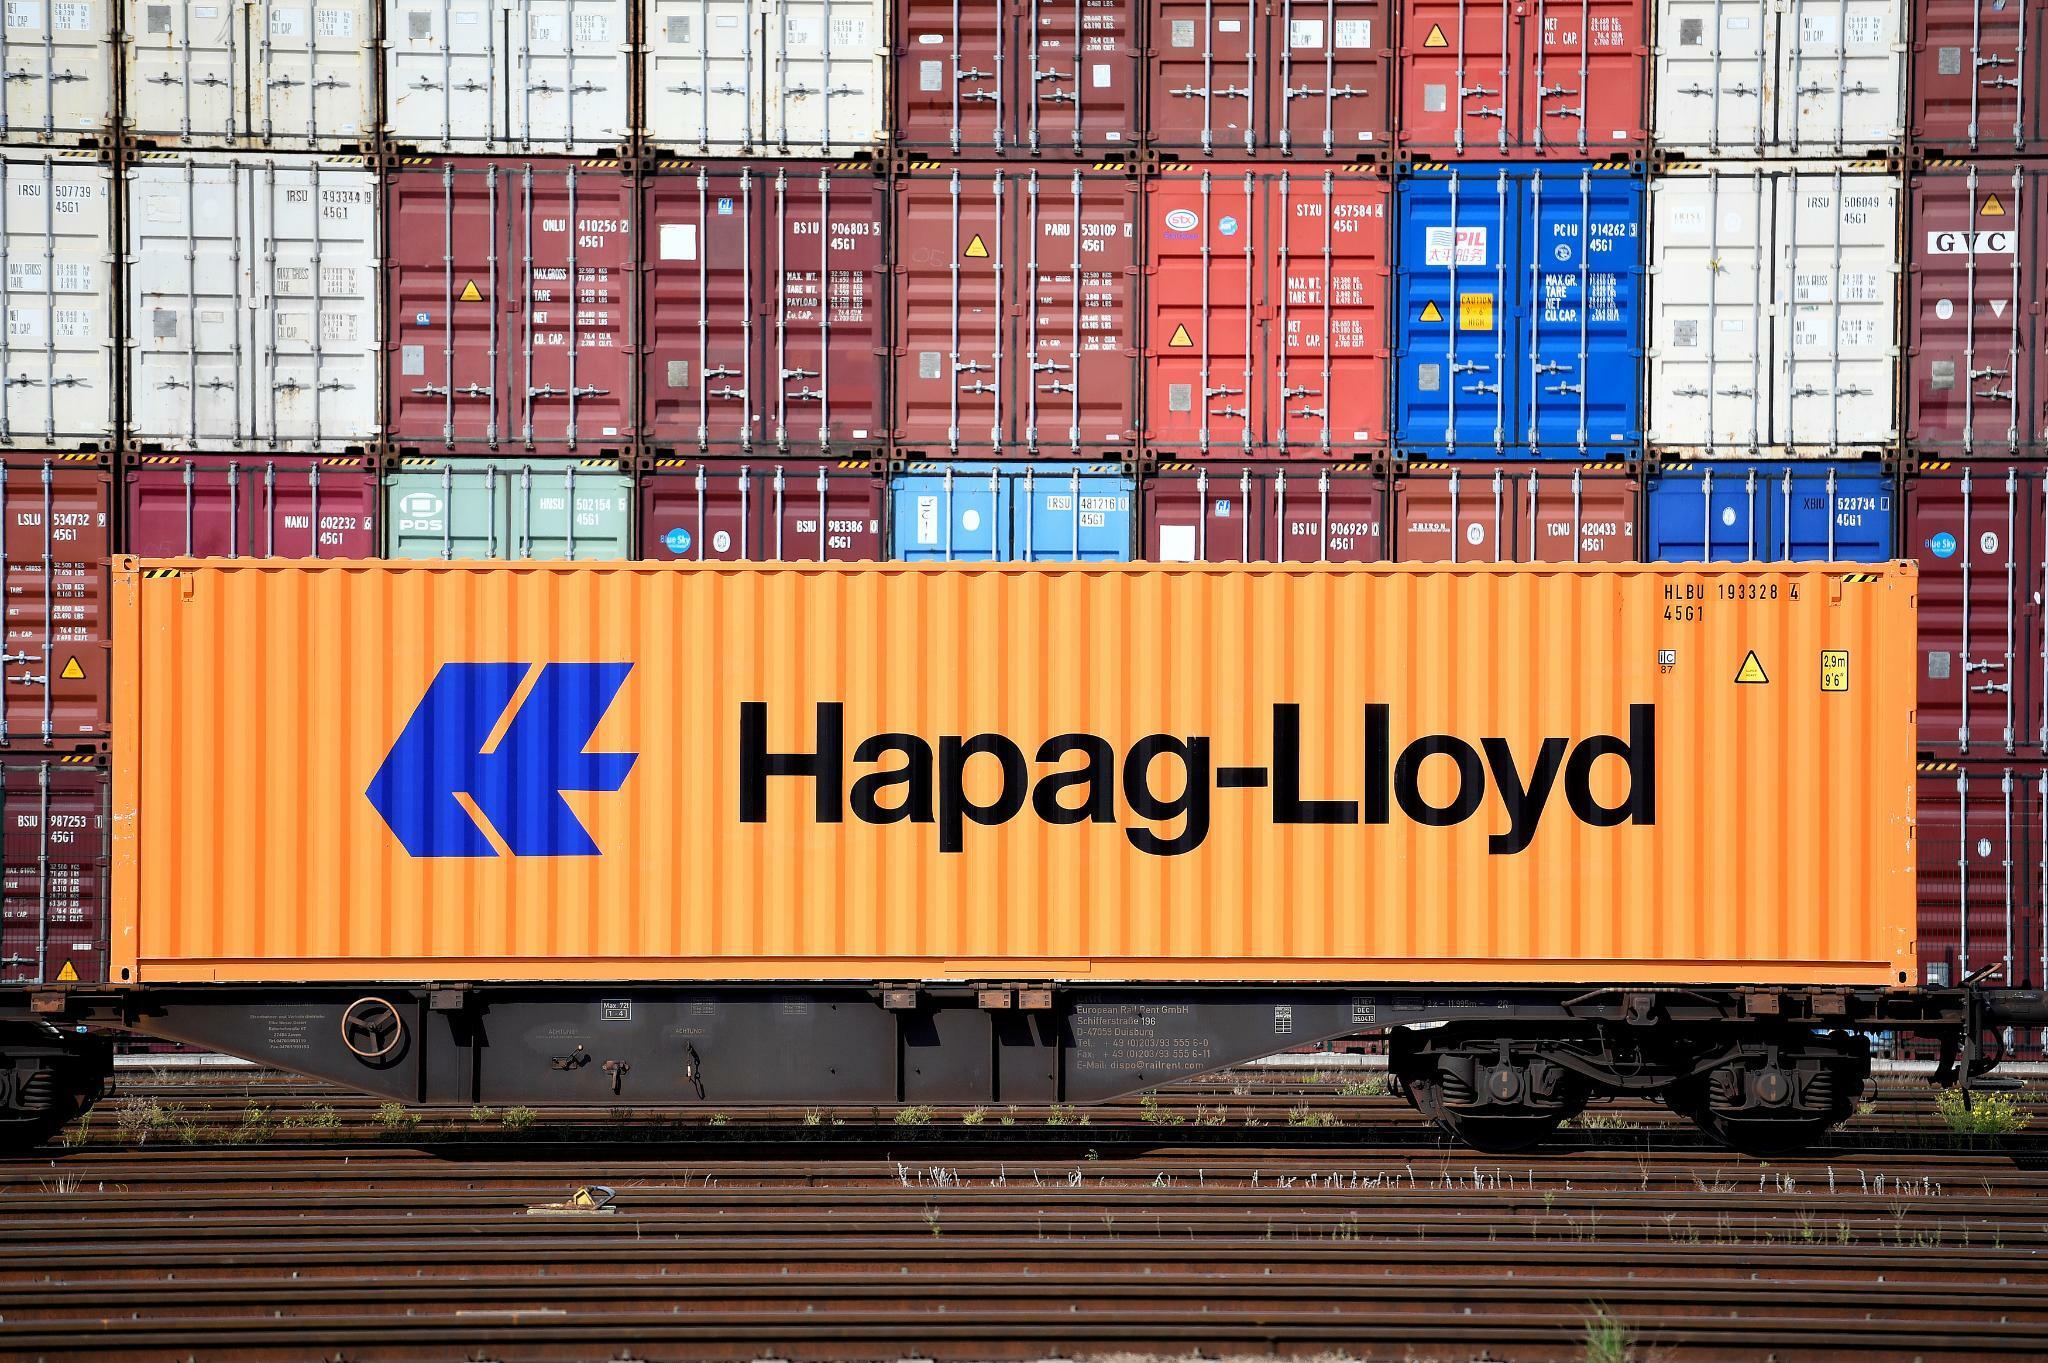 Großaktionäre stocken bei Hapag-Lloyd weiter auf